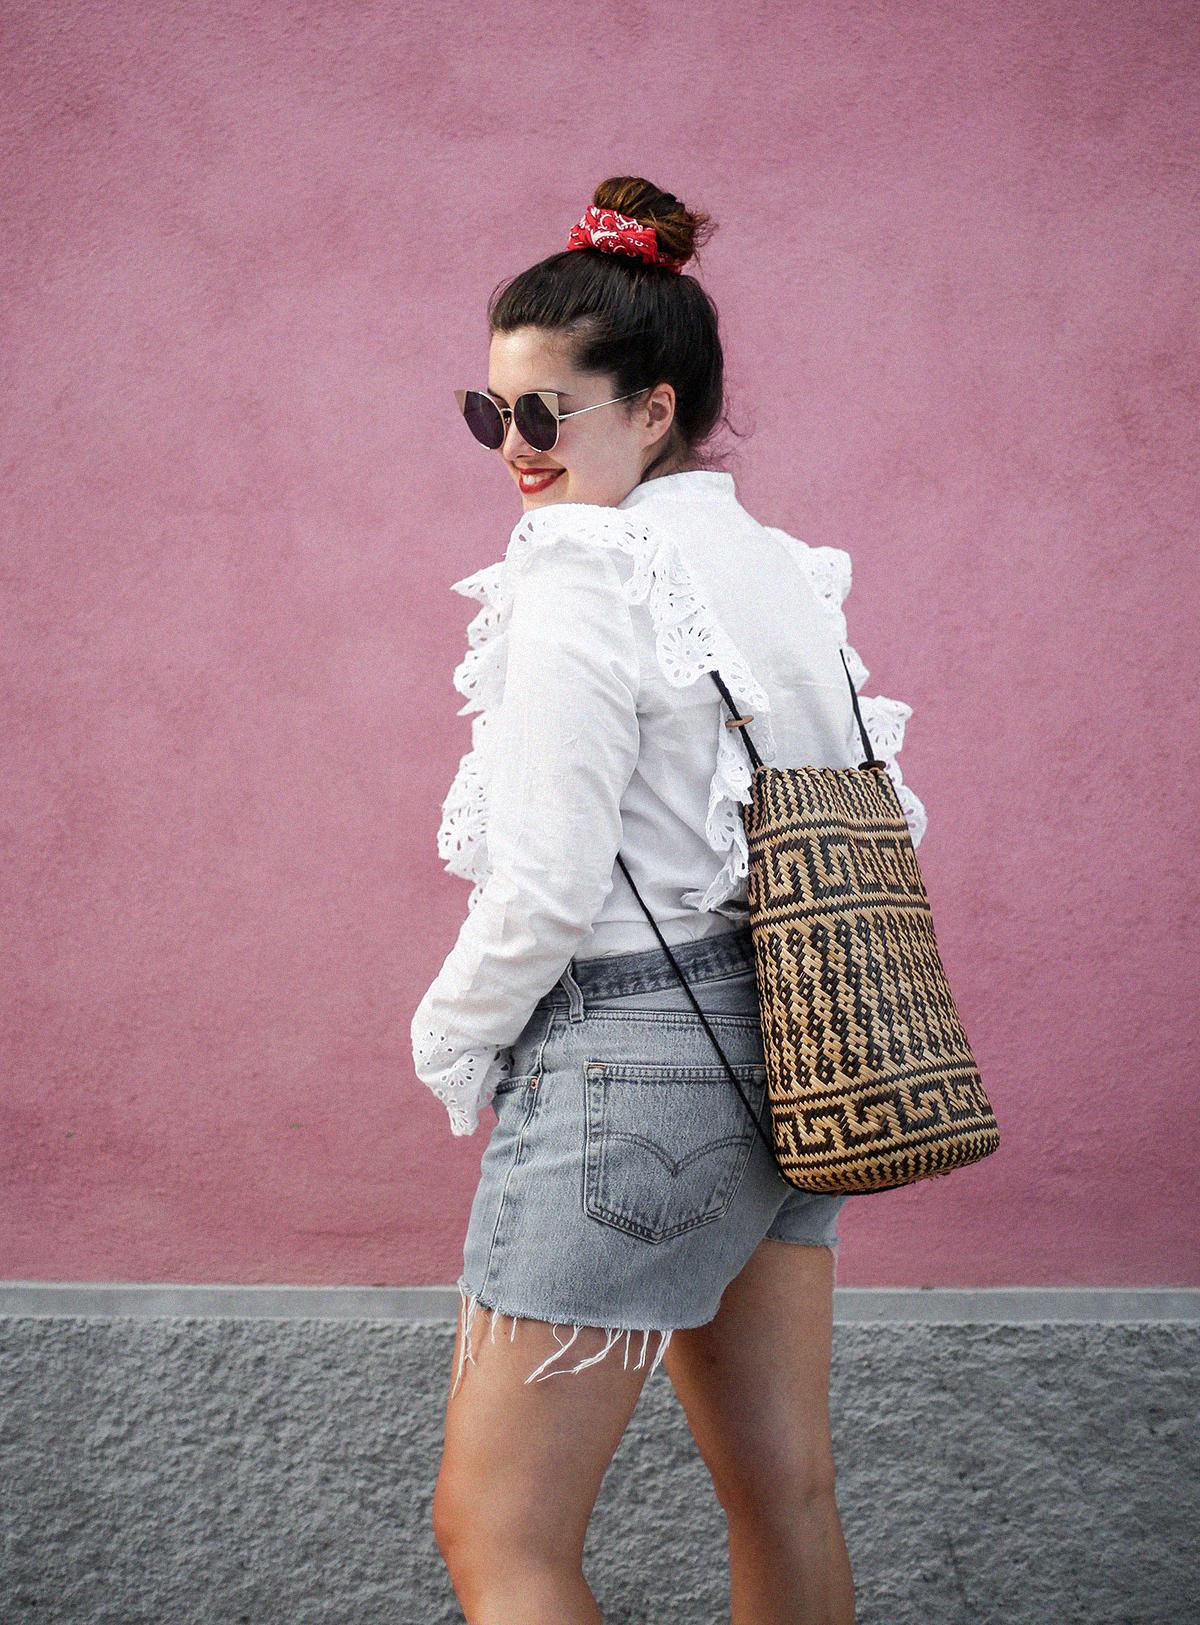 pañuelo-cabe-zacamisa-volantes-shorts-levis-outfit-myblueberrynighsblog-lisboa6